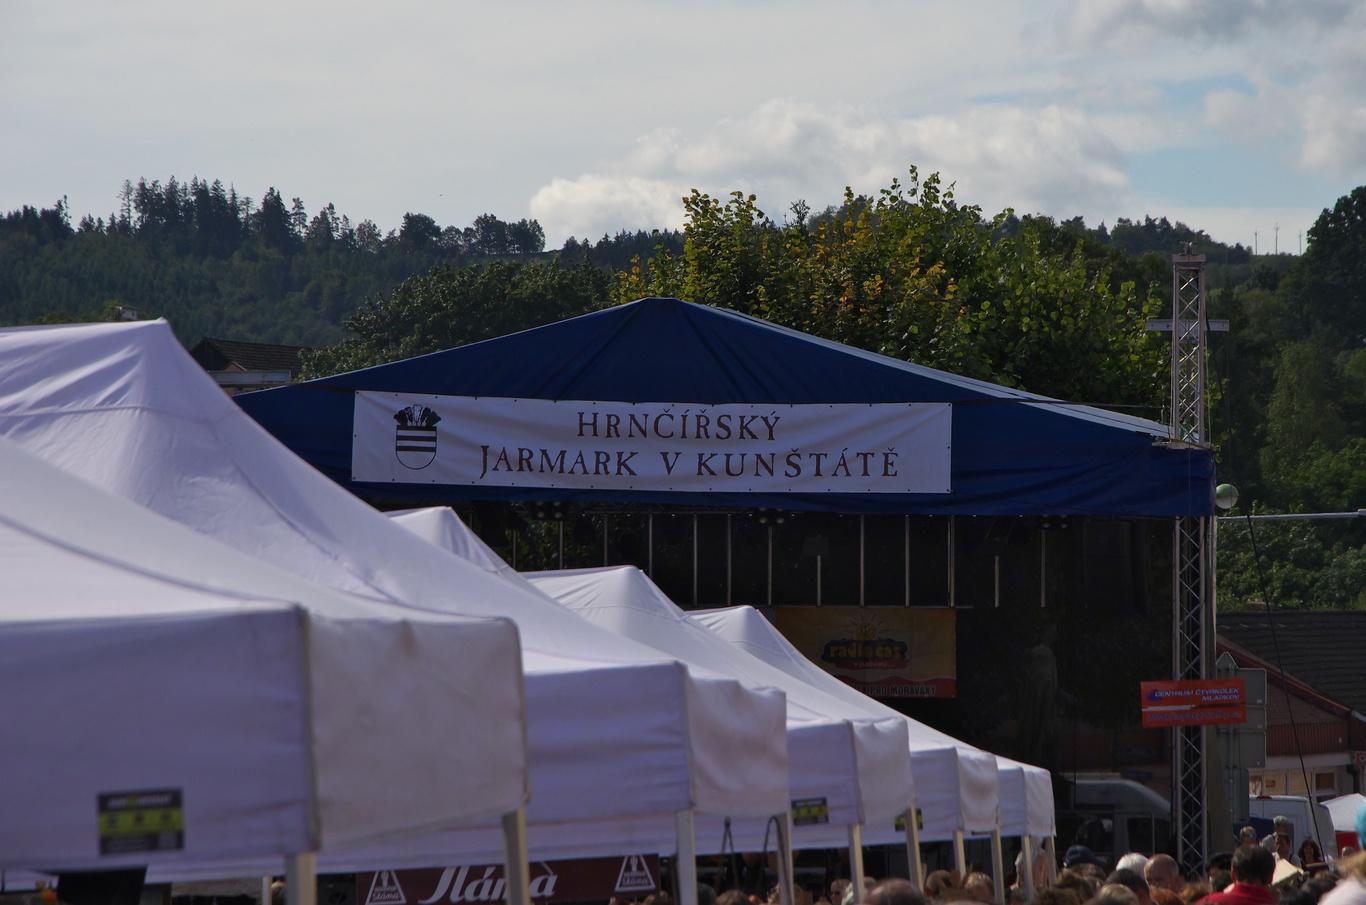 Hrnčířský jarmark v Kunštátu